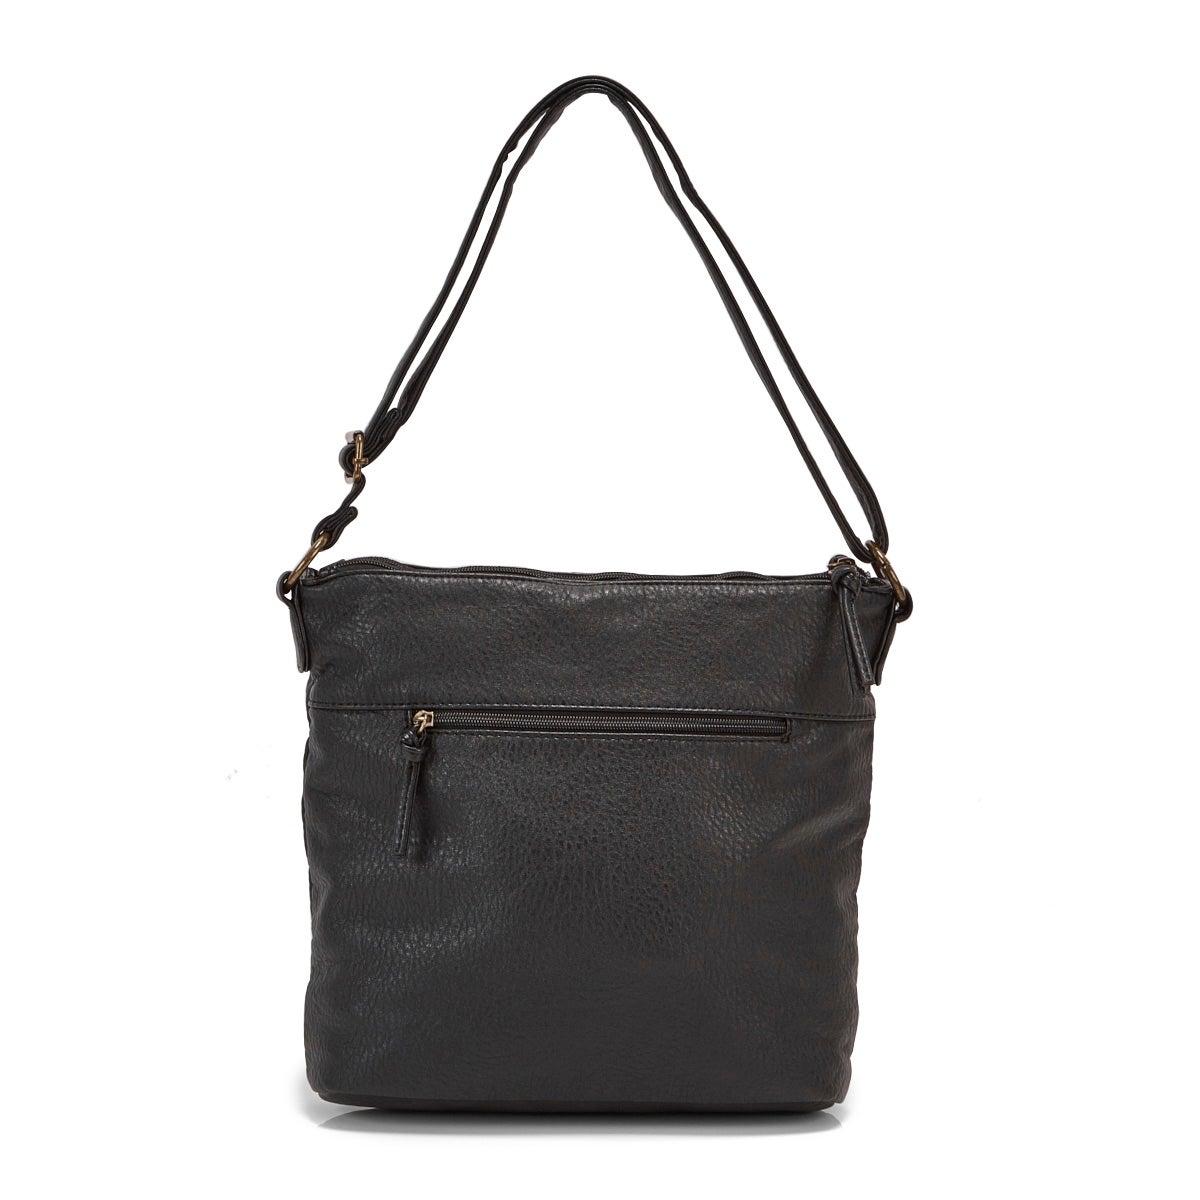 Lds black double side zip crossbody bag